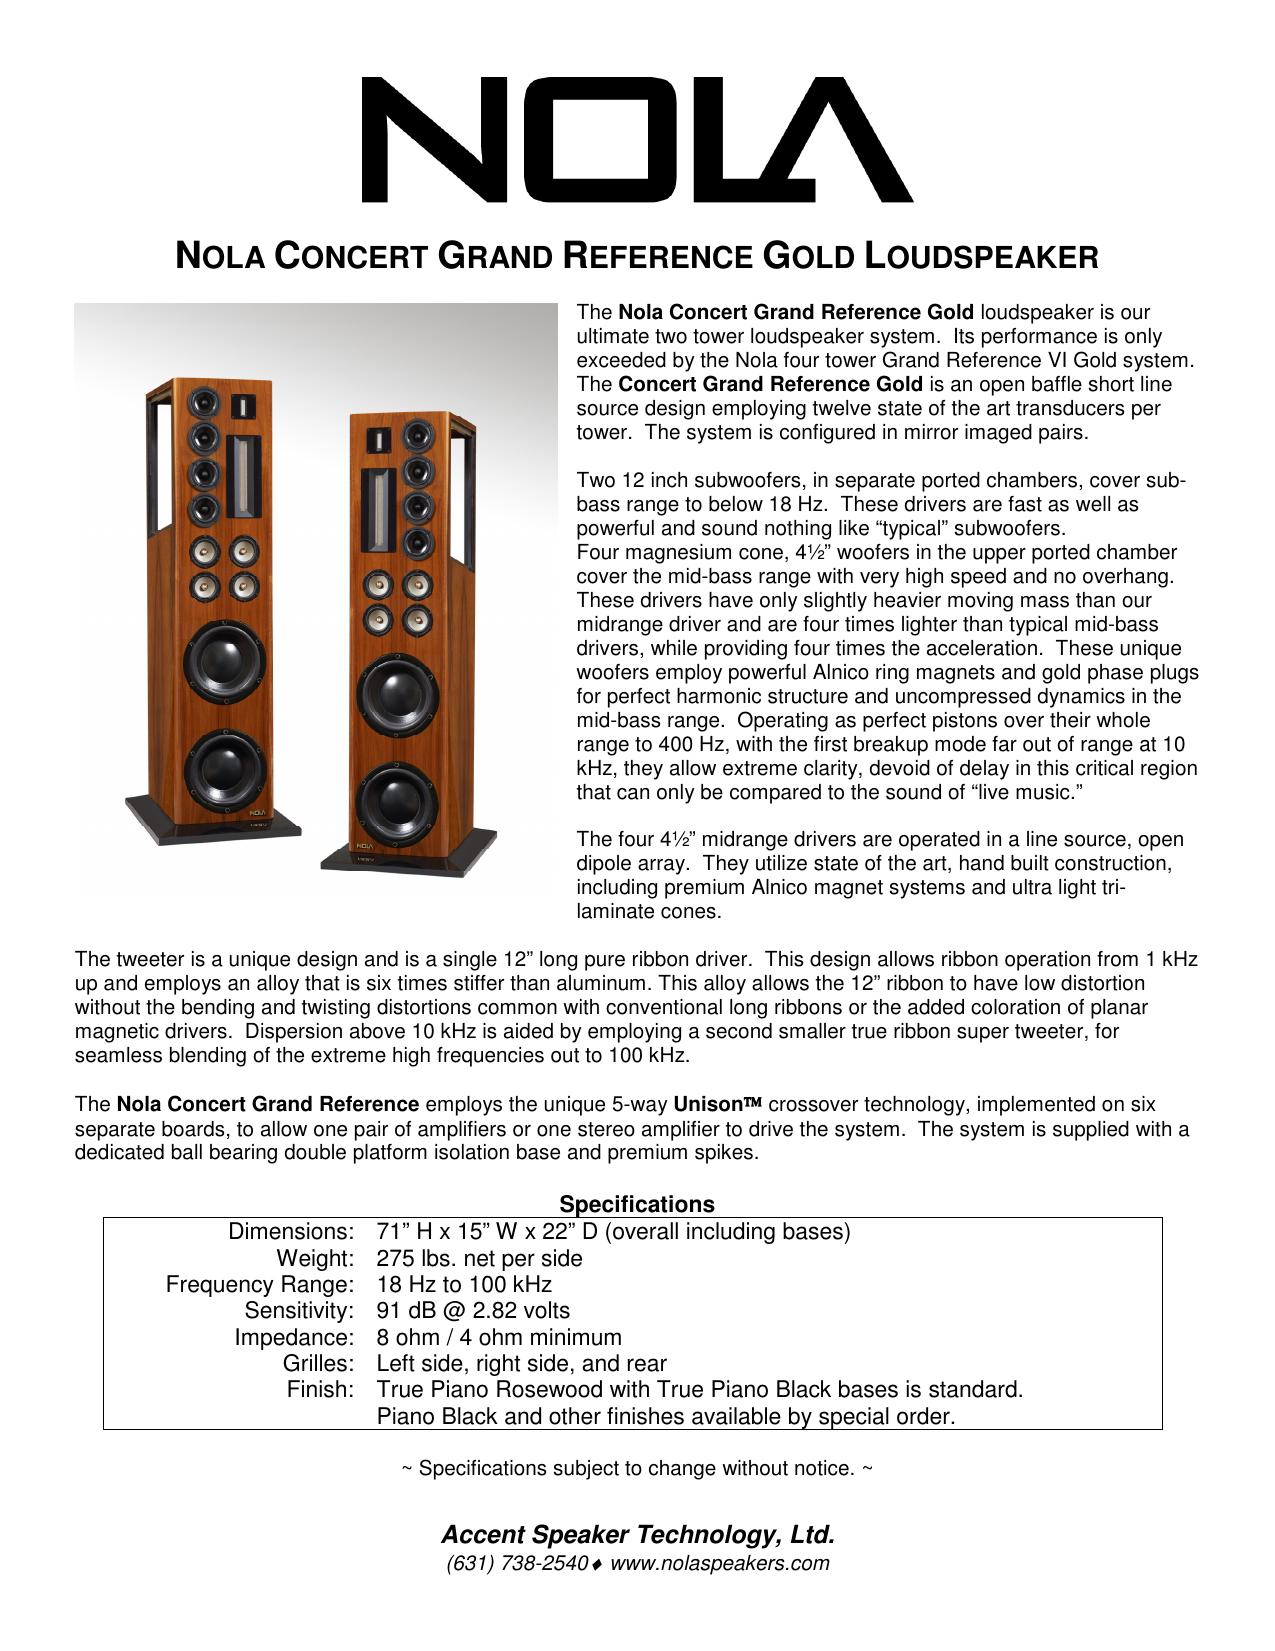 nola concert grand reference gold loudspeaker | manualzz com